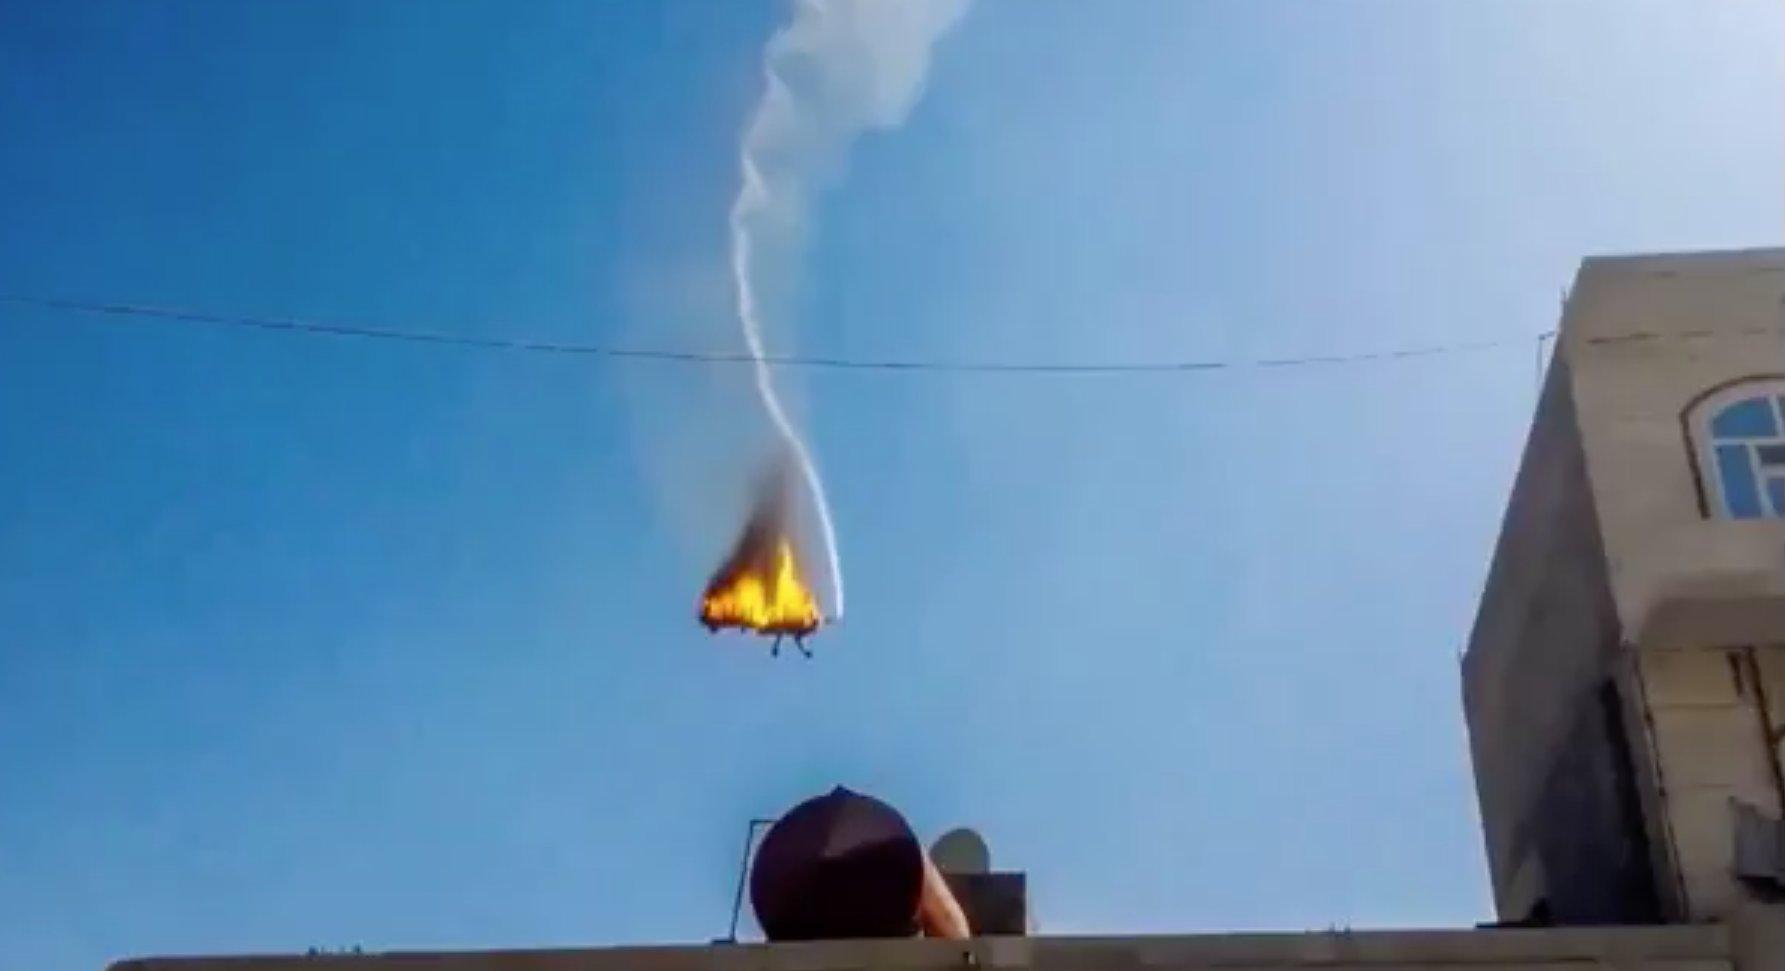 აშშ-ის საჰაერო ძალების MQ-9 reaper თვითმფრინავი იემენში აჯანყებულმა ჰუსიტებმა ჩამოაგდეს.